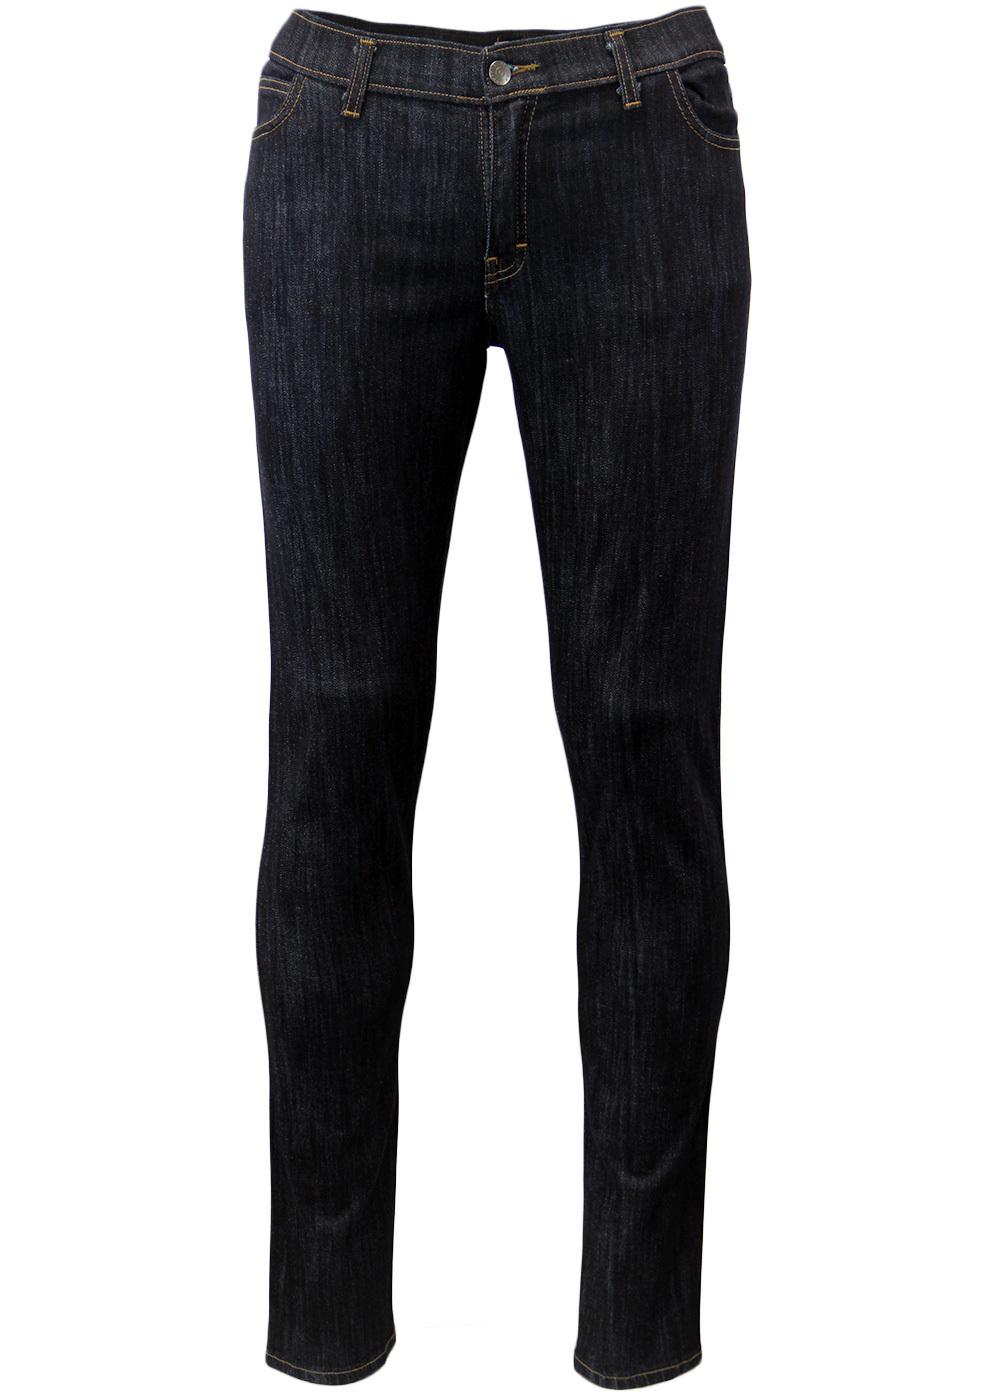 'Draytone' - Retro 60s Mod Indigo Drainpipe Jeans